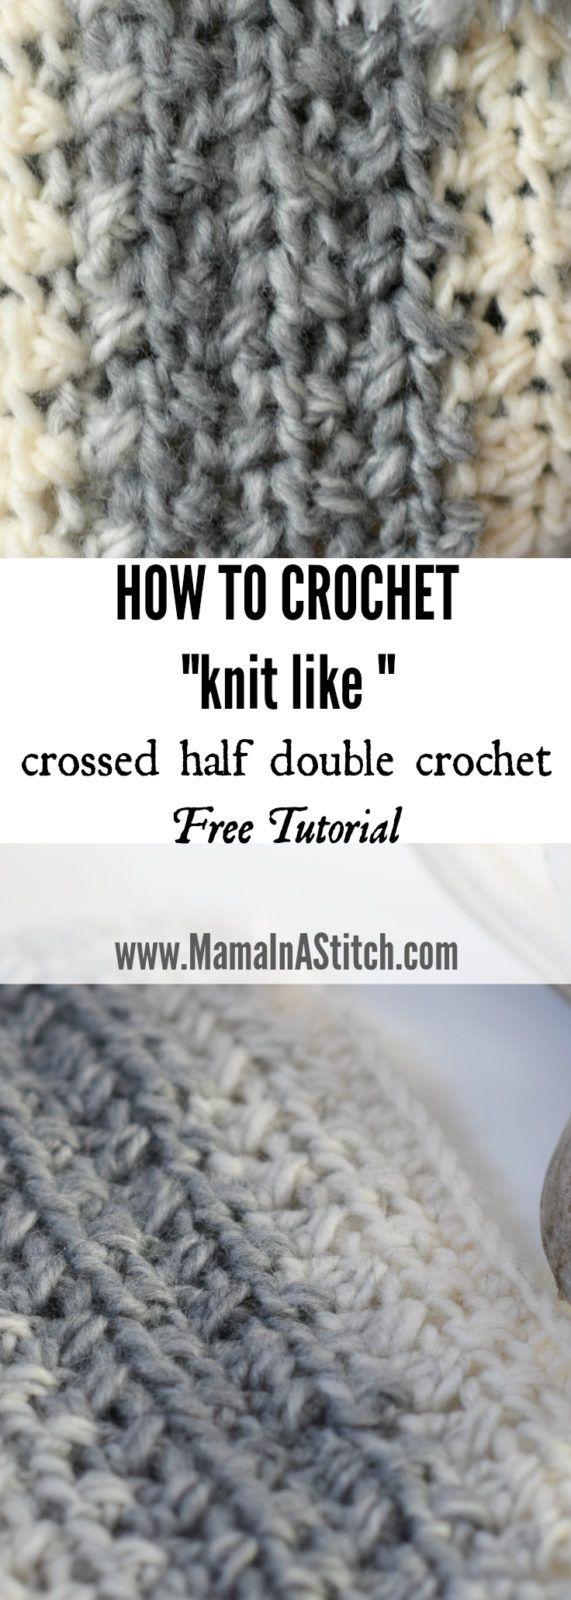 Mejores 139 imágenes de crochet en Pinterest | Ganchillo crochet ...